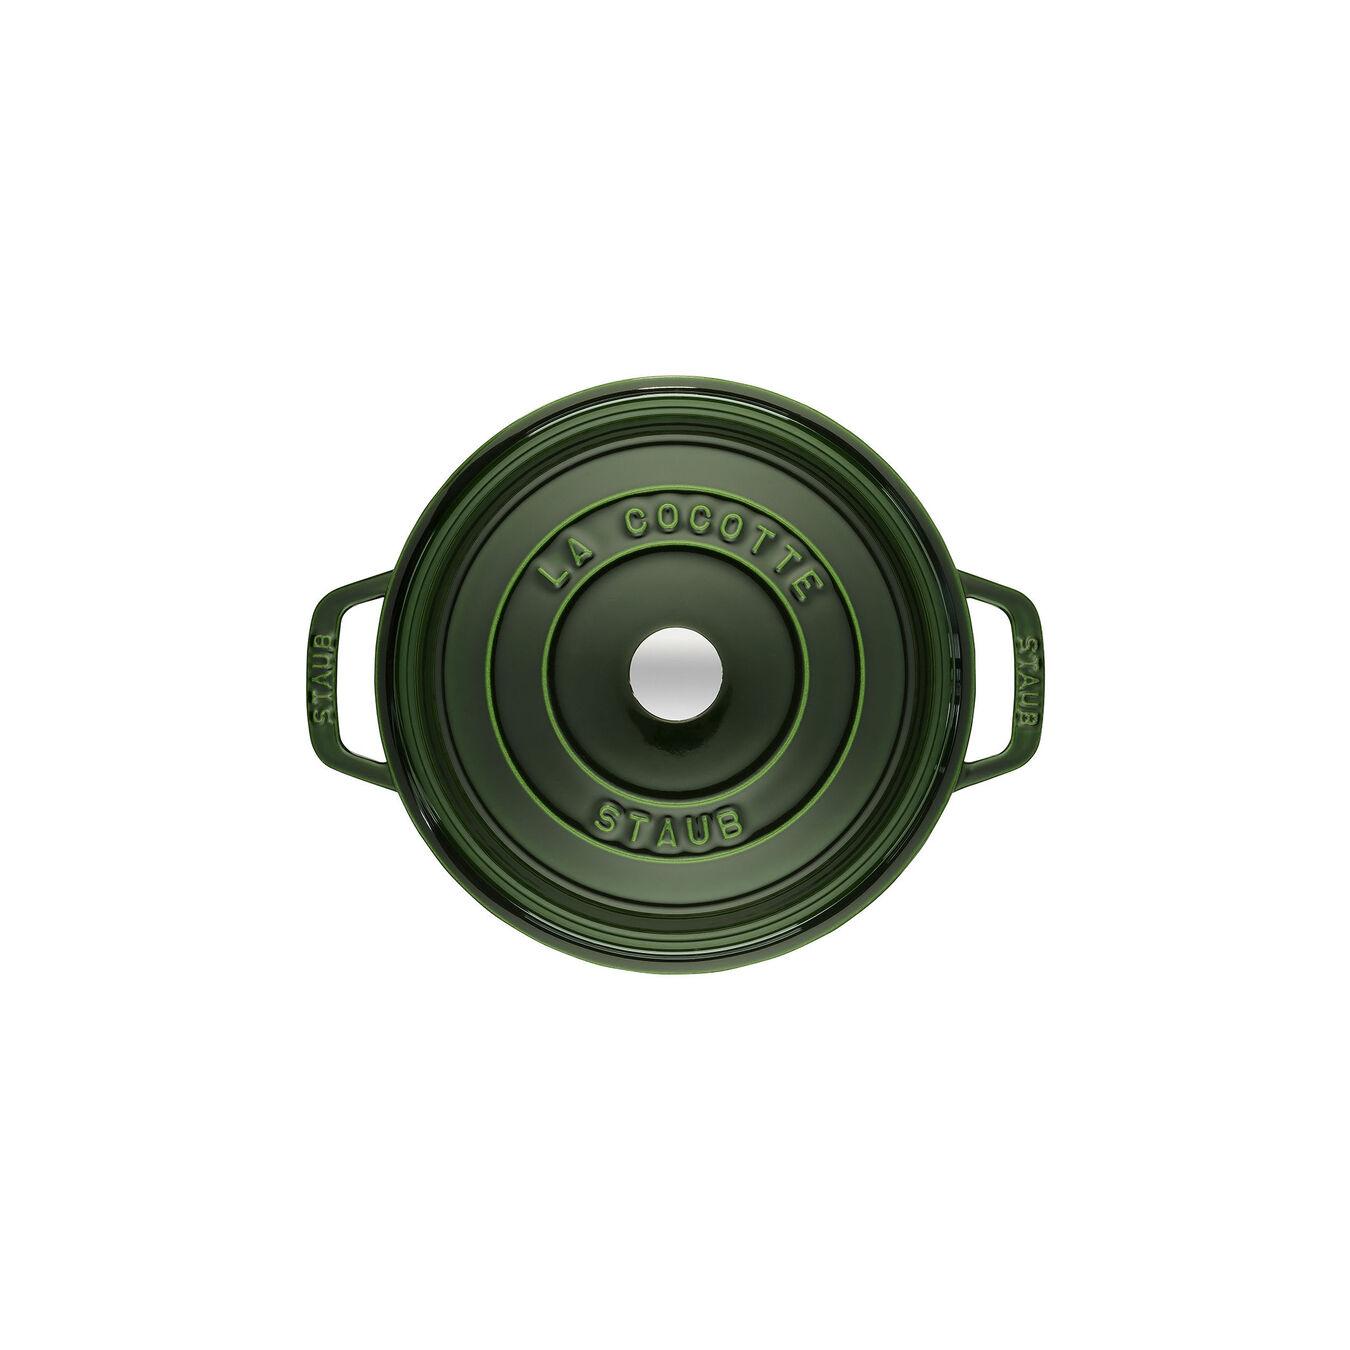 Döküm Tencere | Döküm Demir | 2,5 l | Fesleğen,,large 2